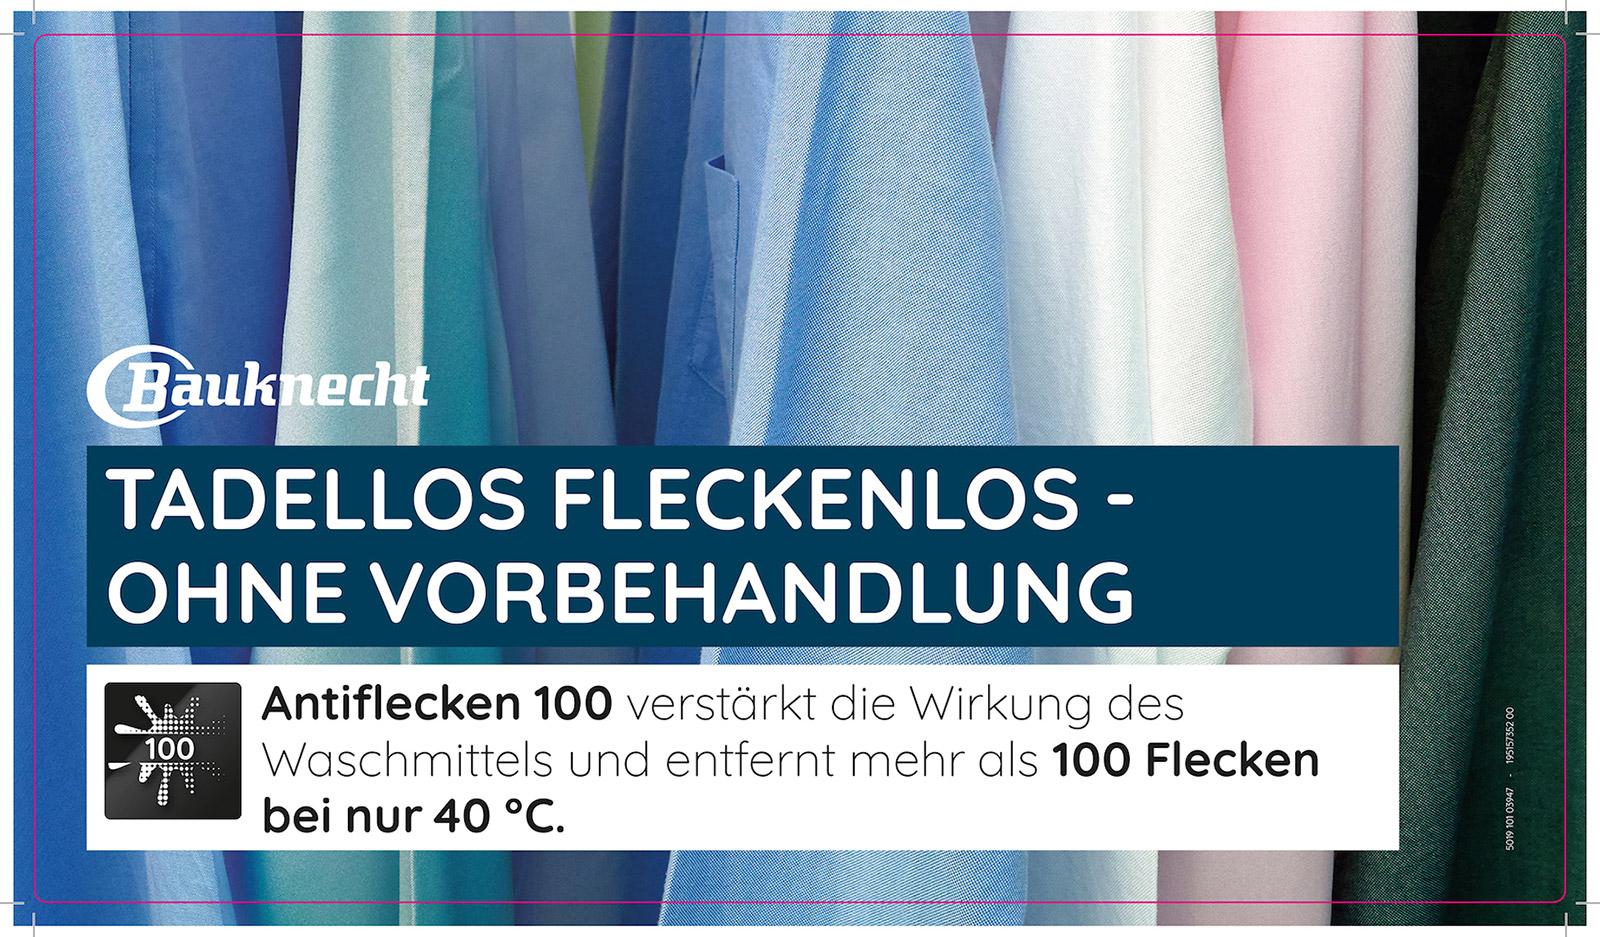 Die Fachhandelspartner unterstützt Bauknecht mit aufmerksamkeitsstarken PoS-Materialien.